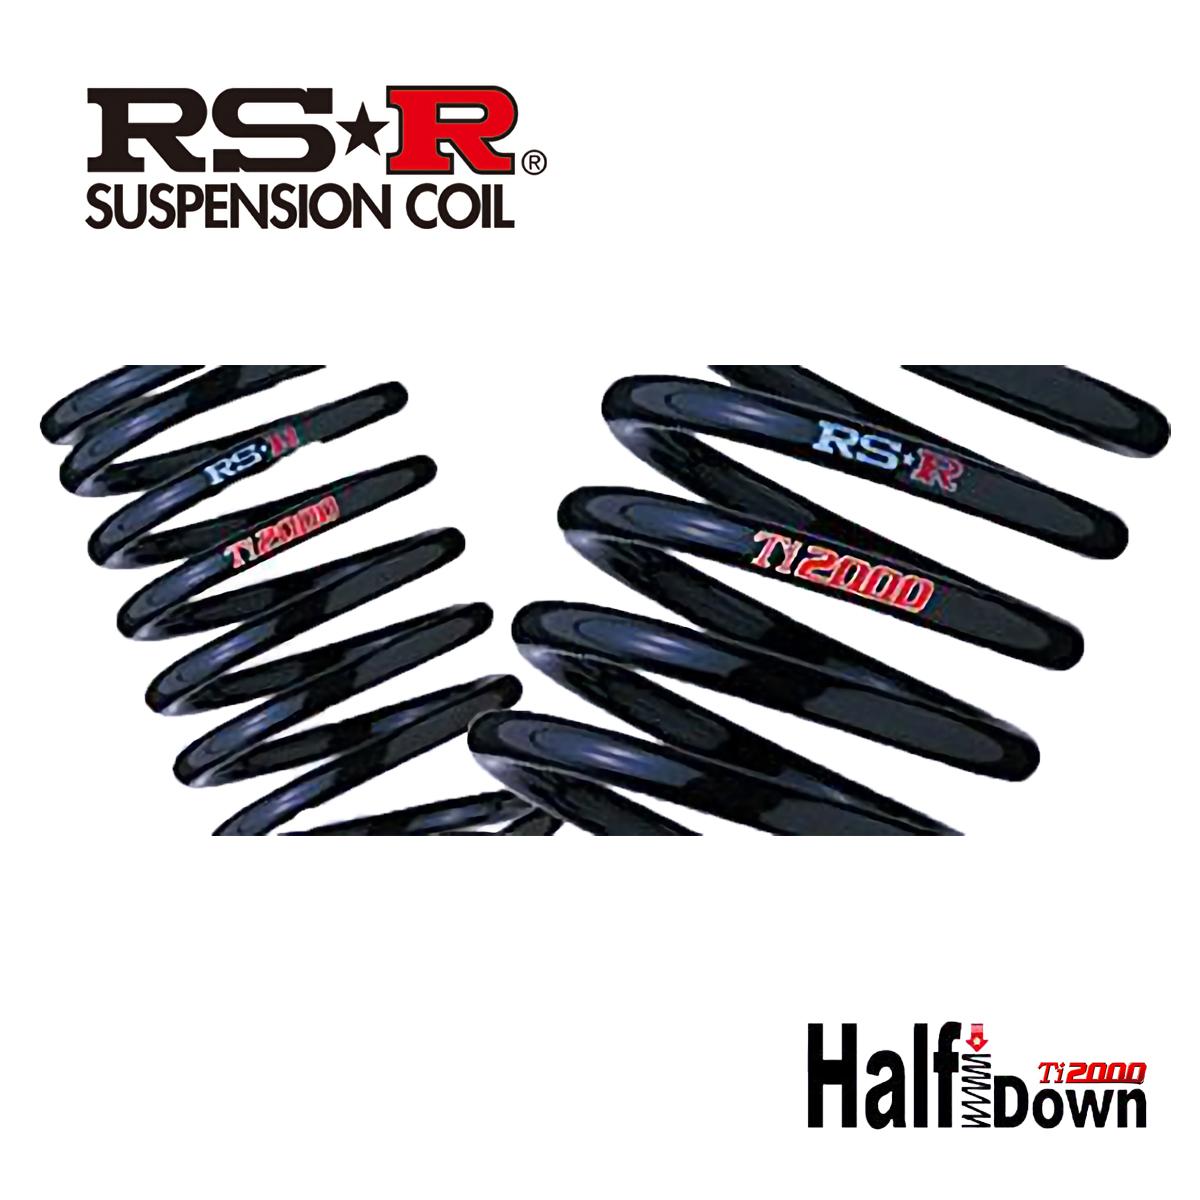 RS-R ジェイド RS FR5 ダウンサス スプリング フロントのみ H800TWF Ti2000 ダウン RSR 個人宅発送追金有